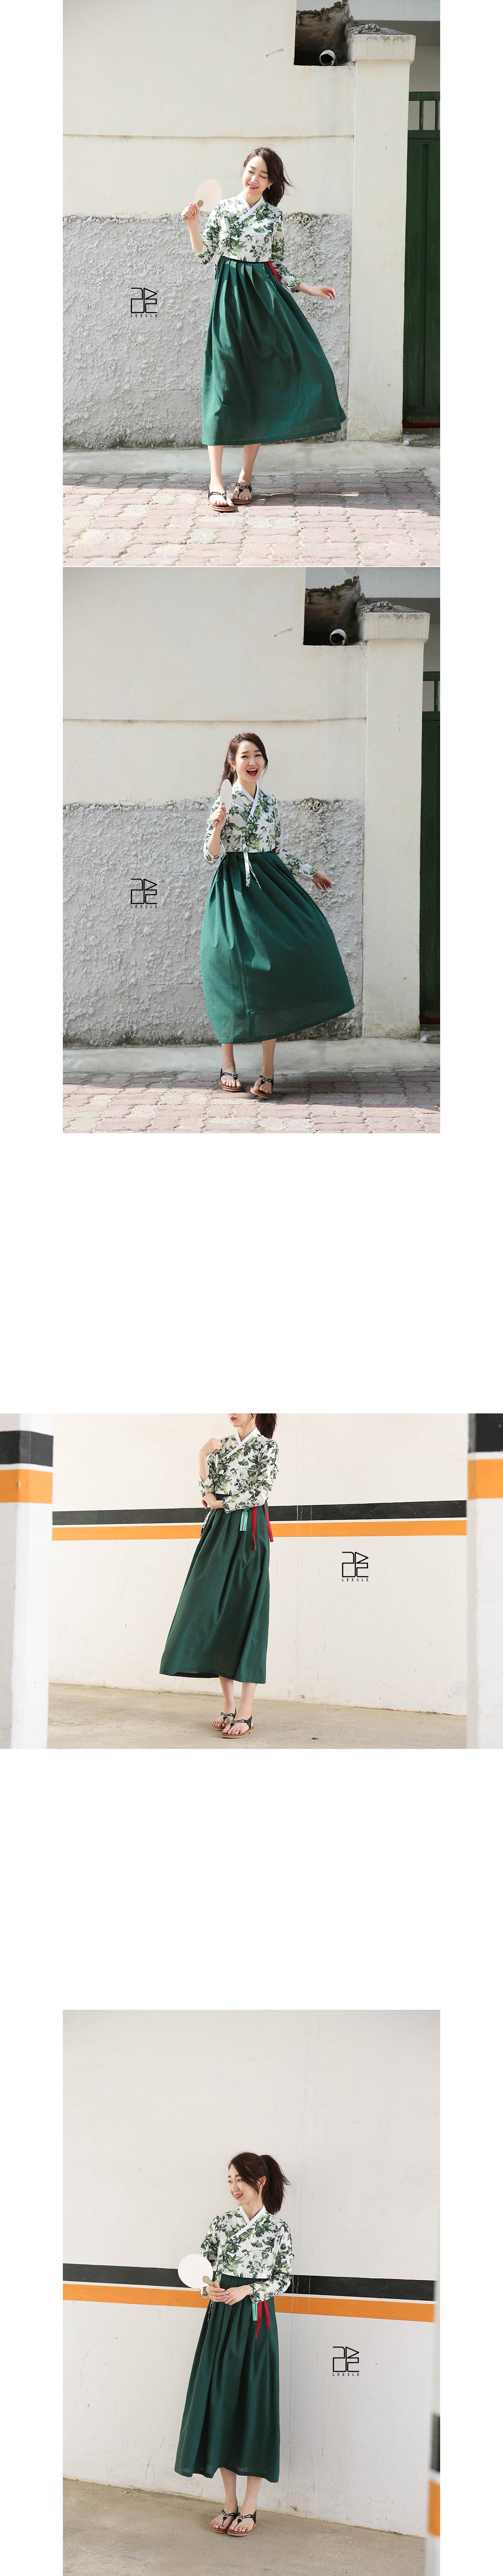 Pin von Christine Park auf Hanbok | Pinterest